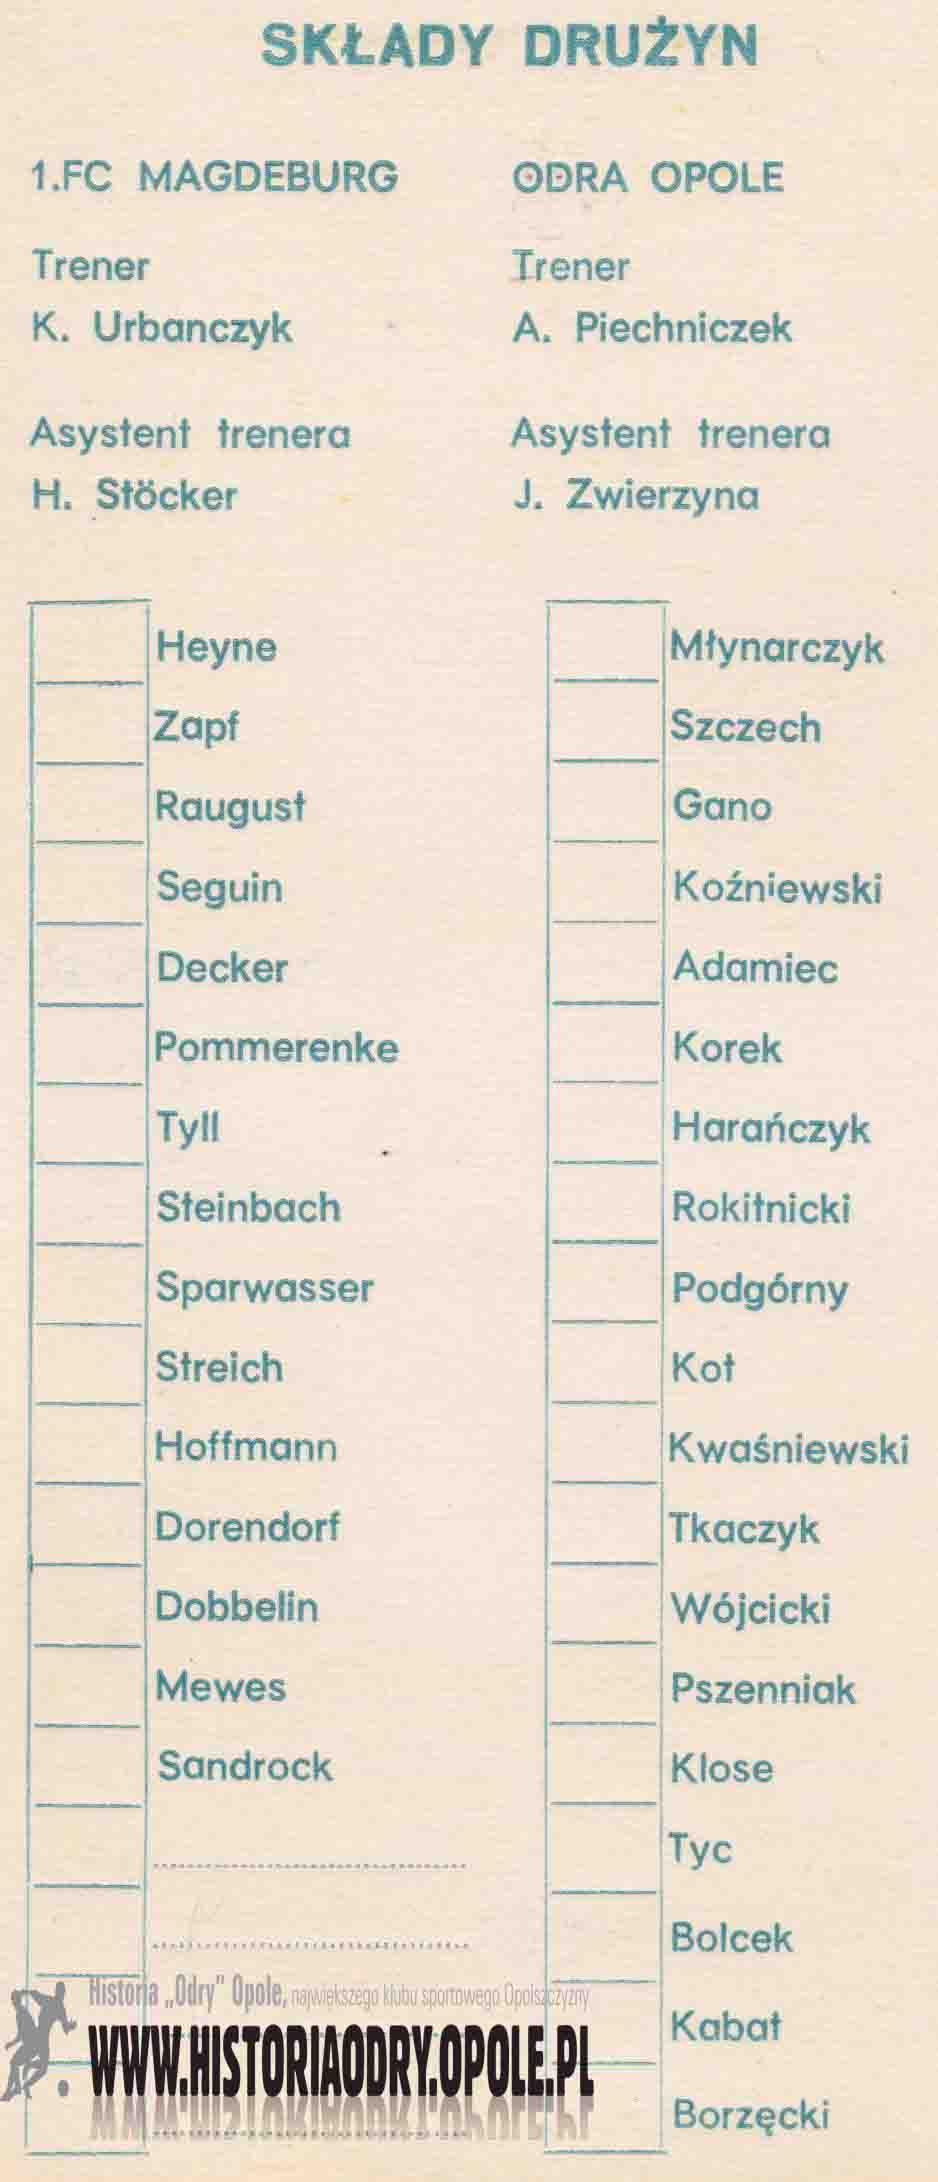 Odra Opole - 1. FC Magdeburg (skład drużyn).